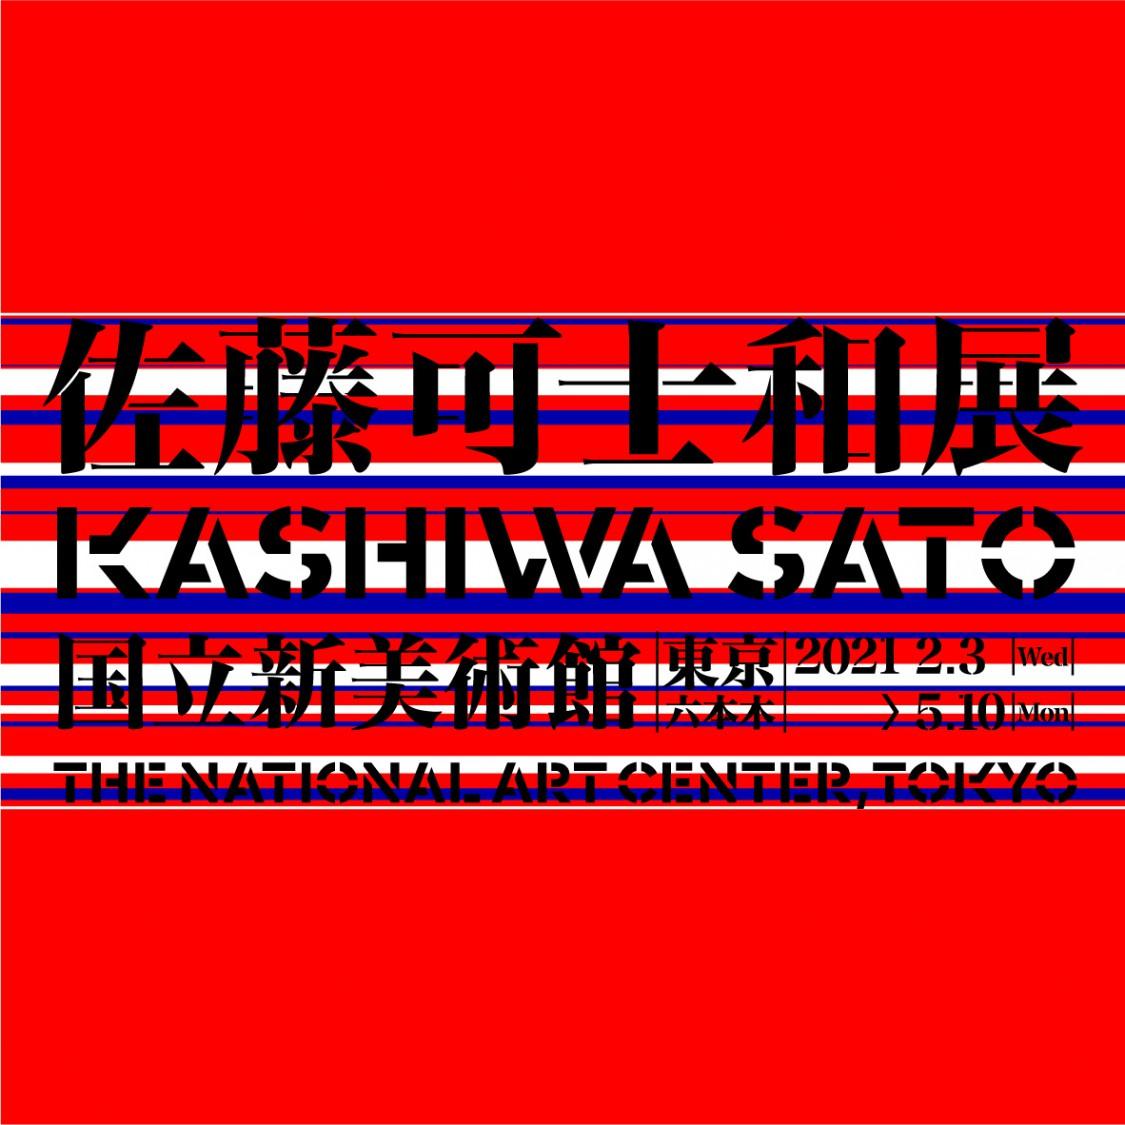 kashiwasato